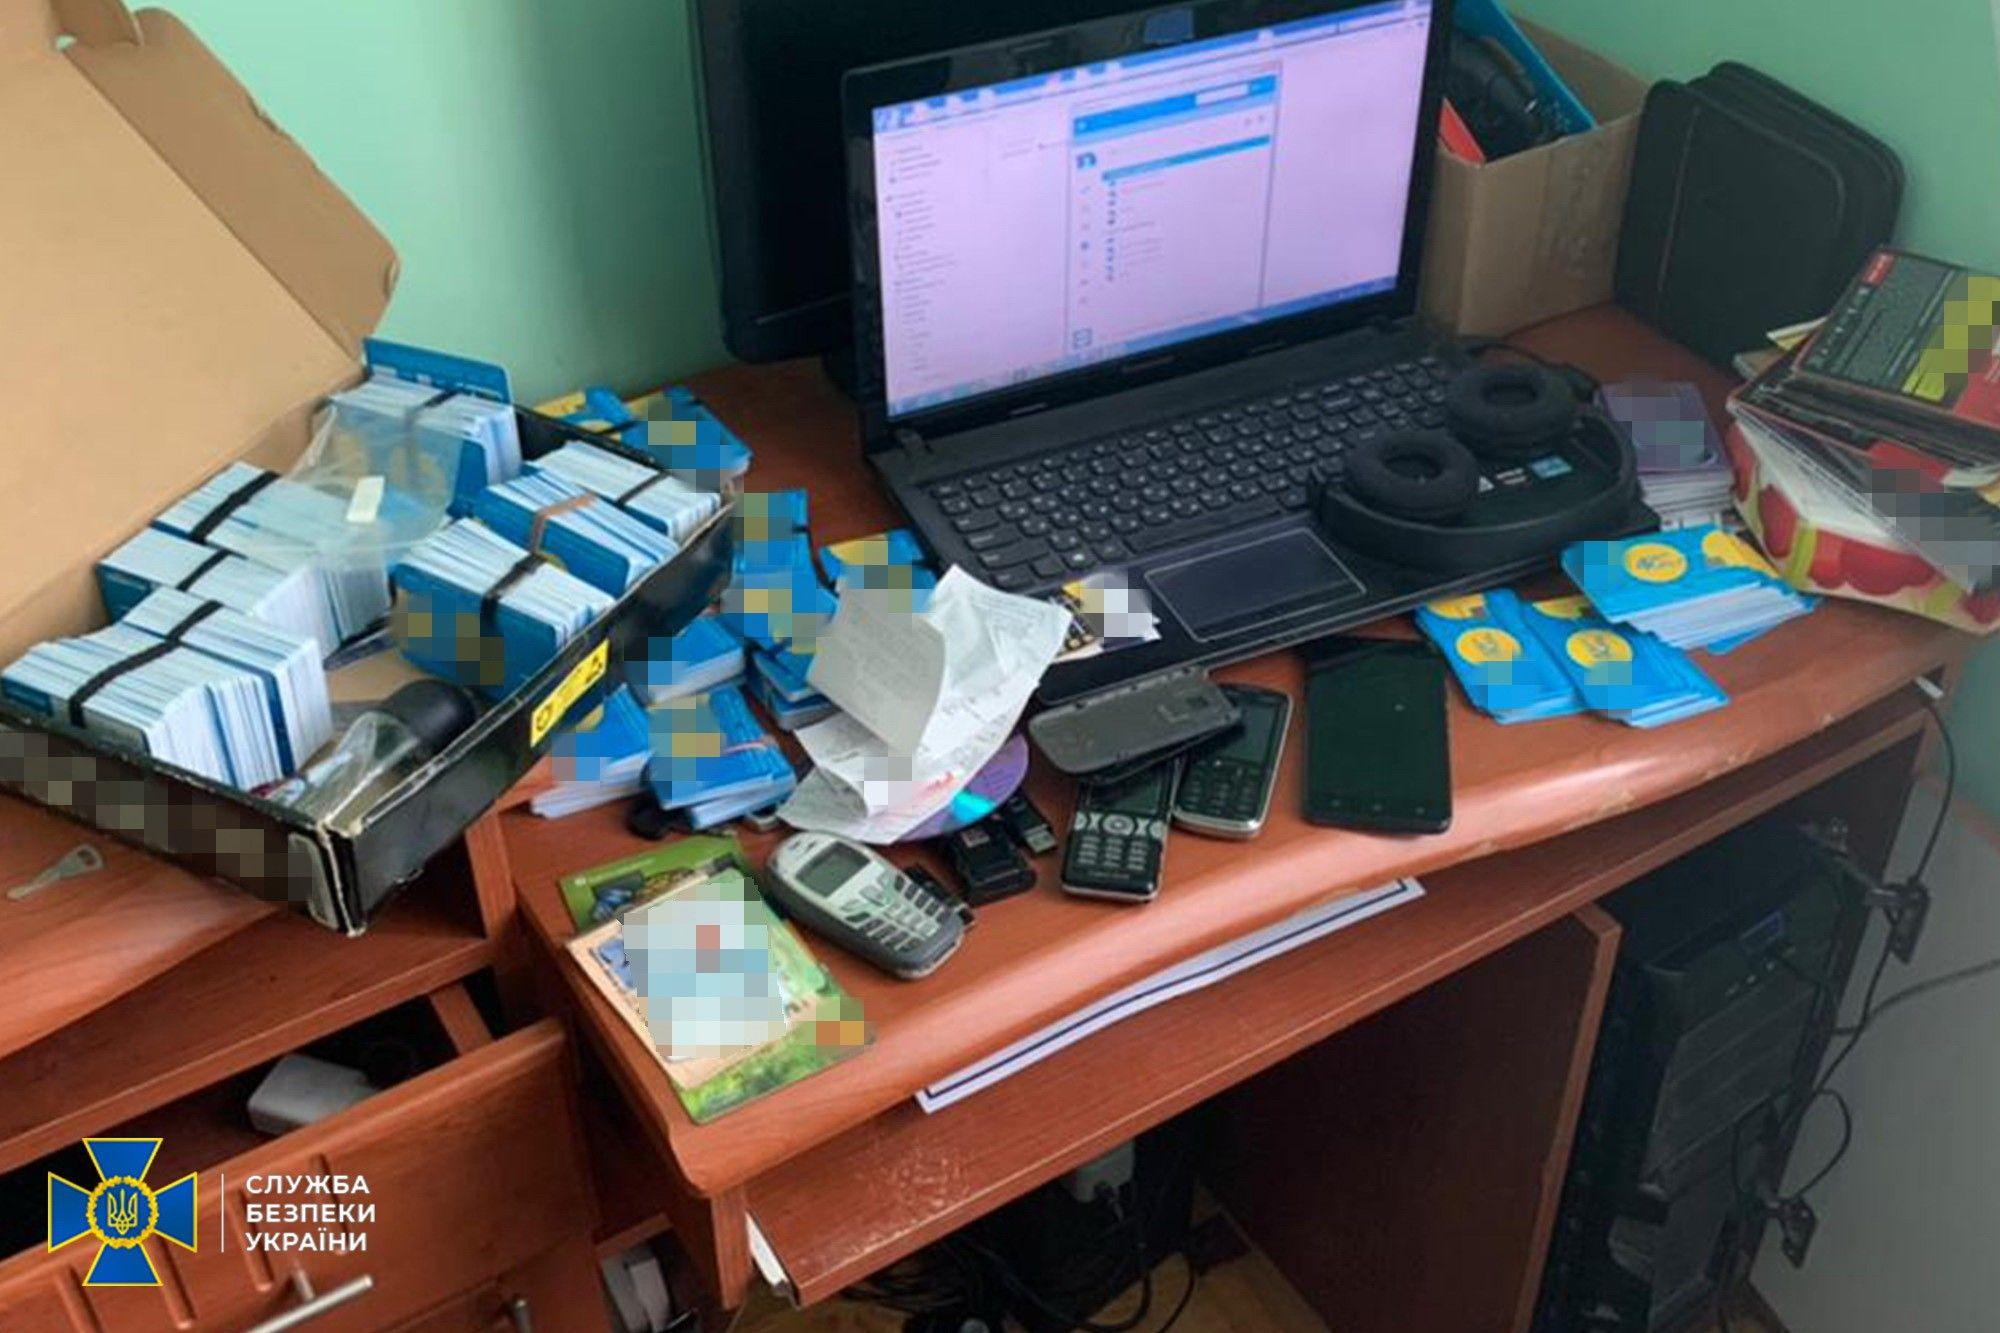 СБУ викрила ботоферму, що працювала на замовлення клієнтів з Росії